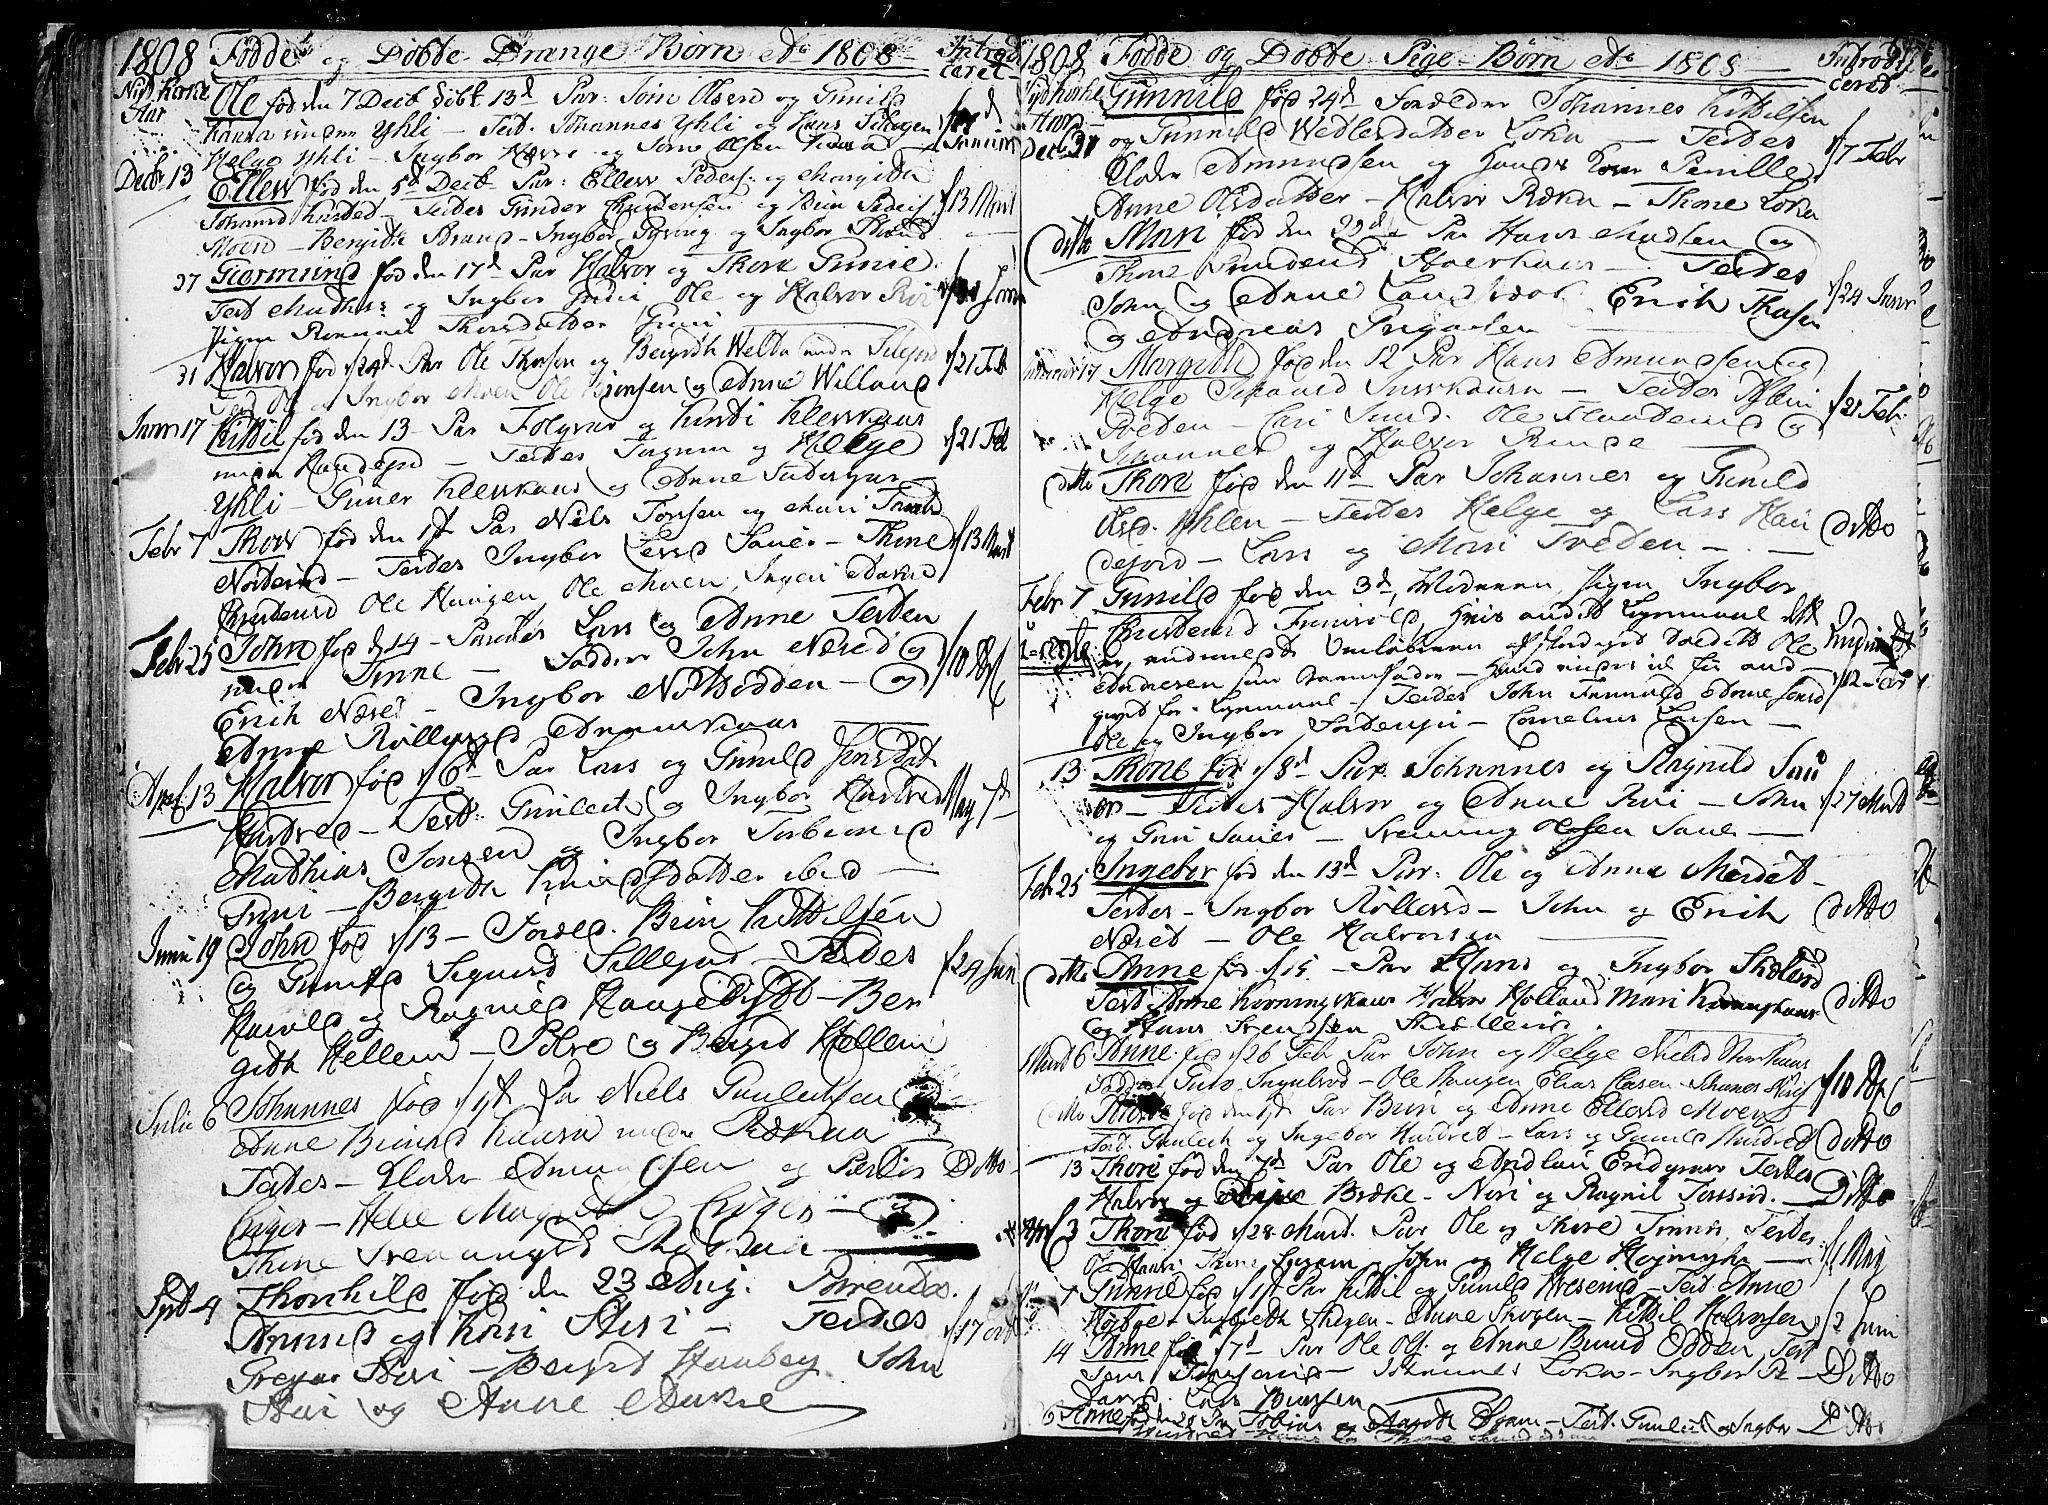 SAKO, Heddal kirkebøker, F/Fa/L0004: Ministerialbok nr. I 4, 1784-1814, s. 64